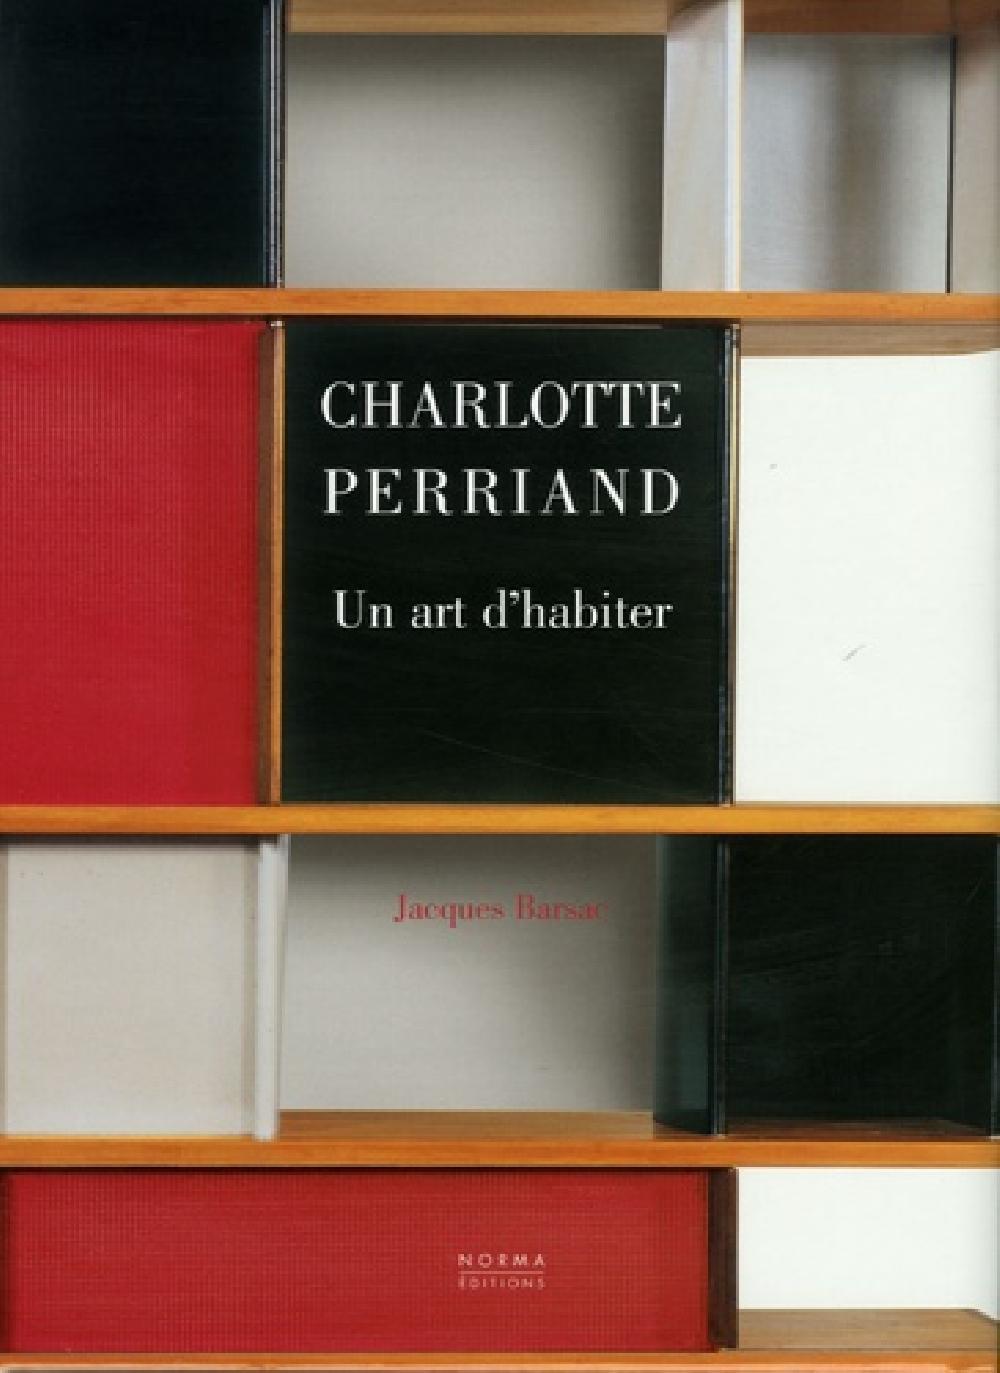 Charlotte Perriand. Un art d'habiter